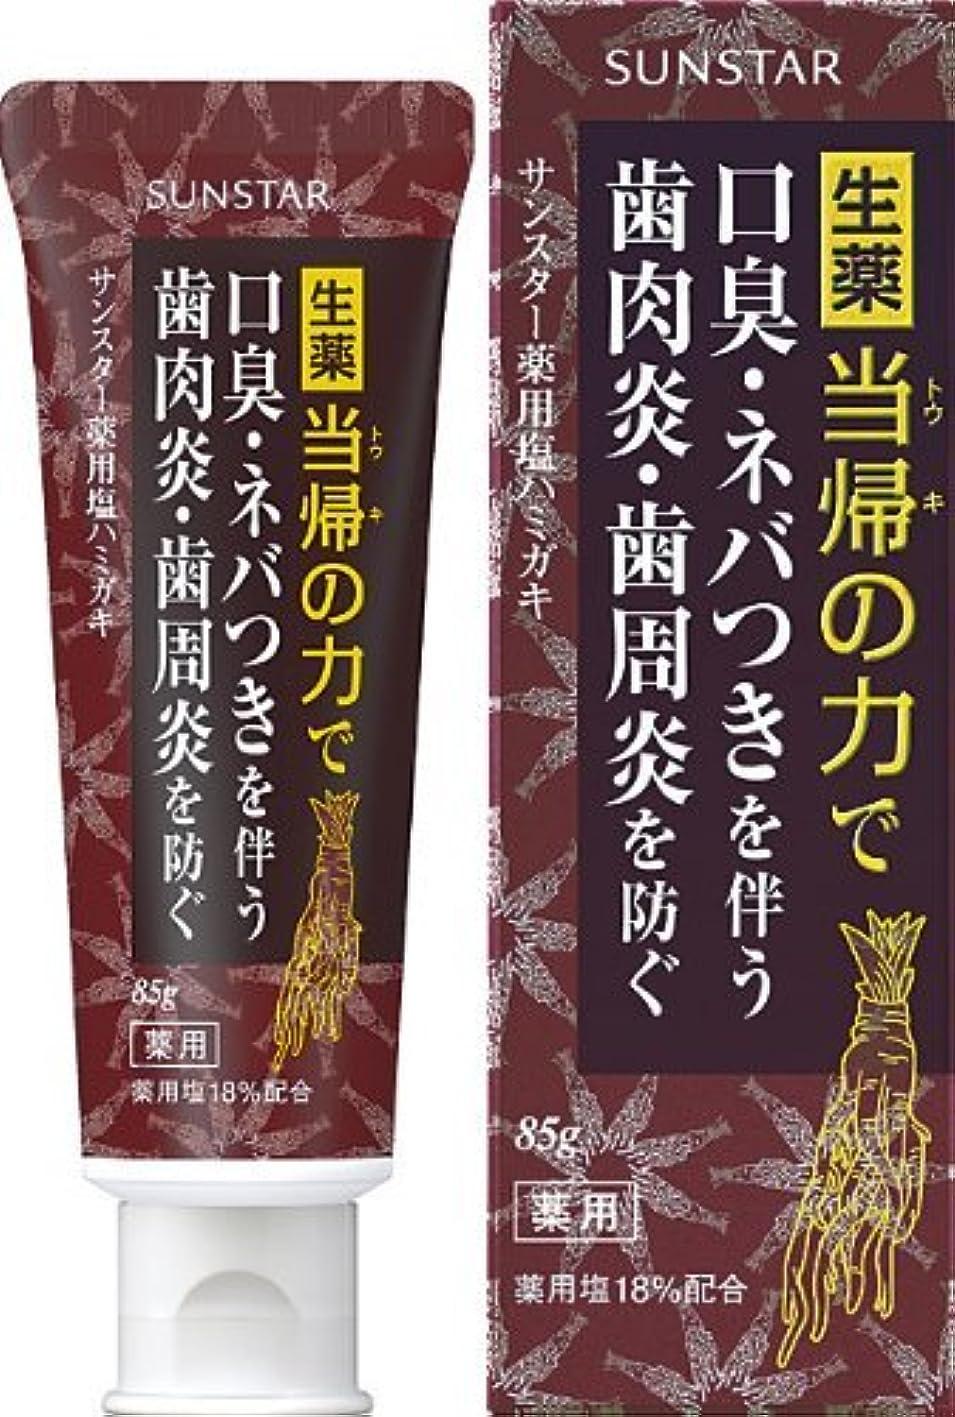 キャリアアミューズ安全サンスター 薬用塩ハミガキ 85g (医薬部外品)